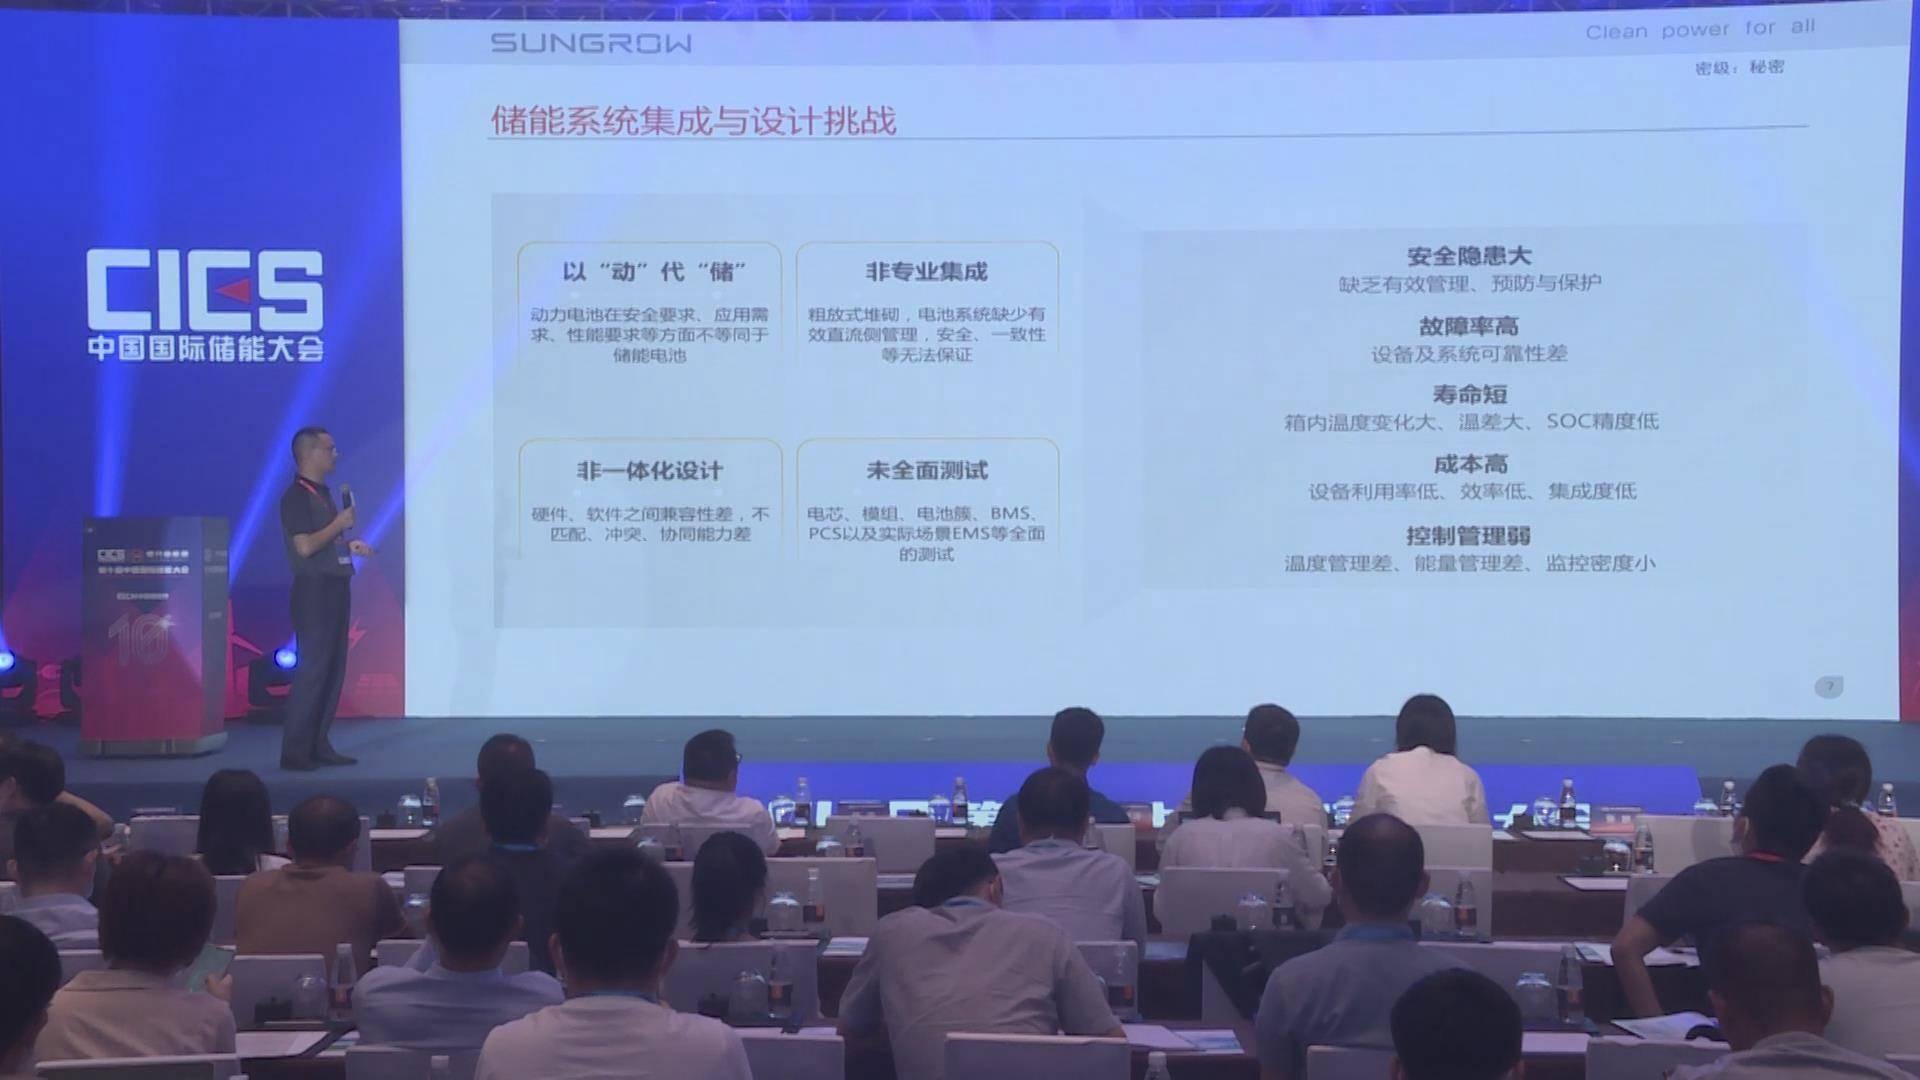 陈志:系统集成及新浦京系统现场测试经验报告